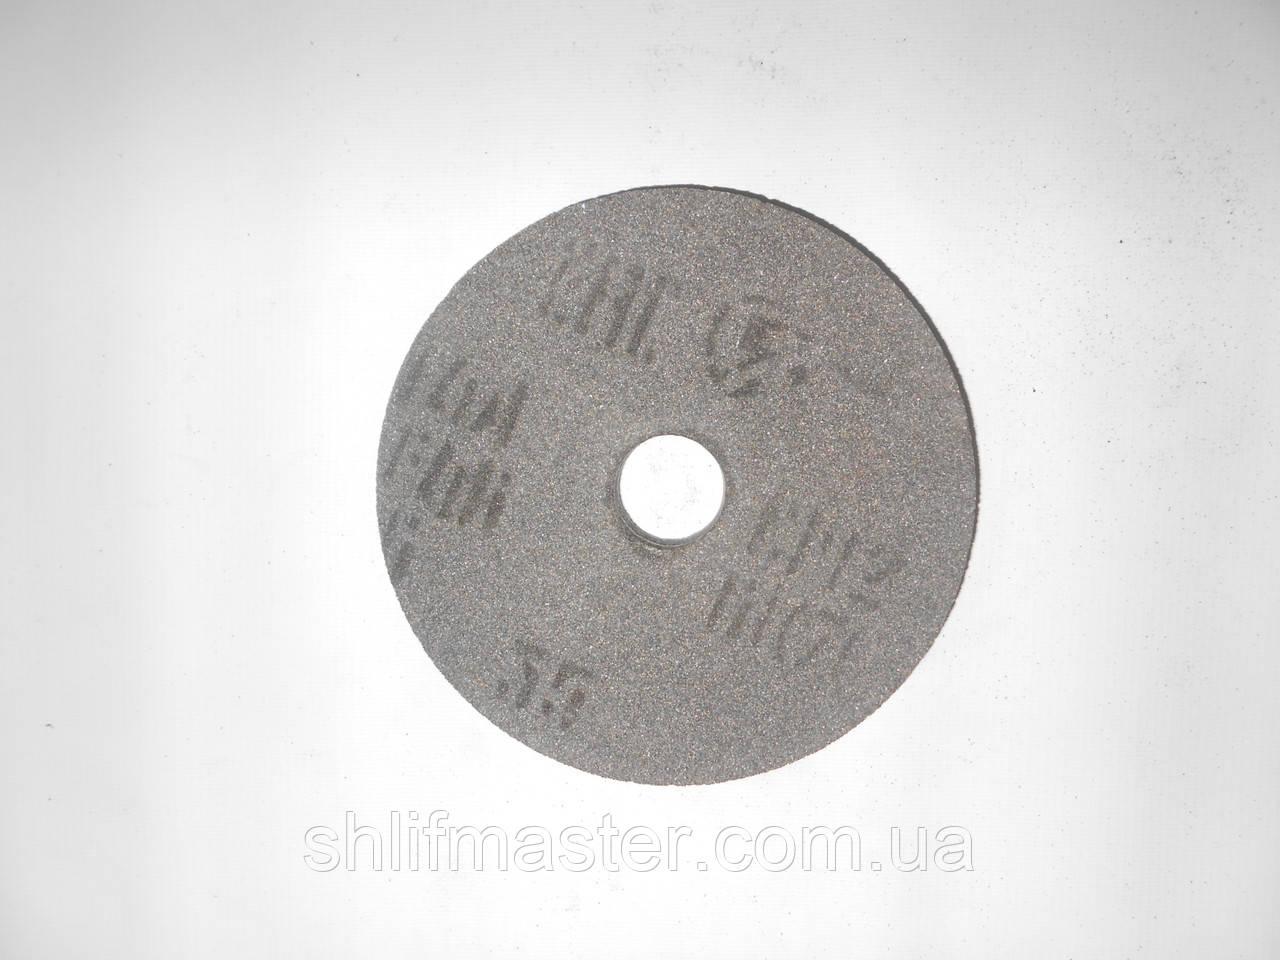 Круг шлифовальный 14А (электрокорунд серый) ПП на керамической связке 100х25х20 40 СМ